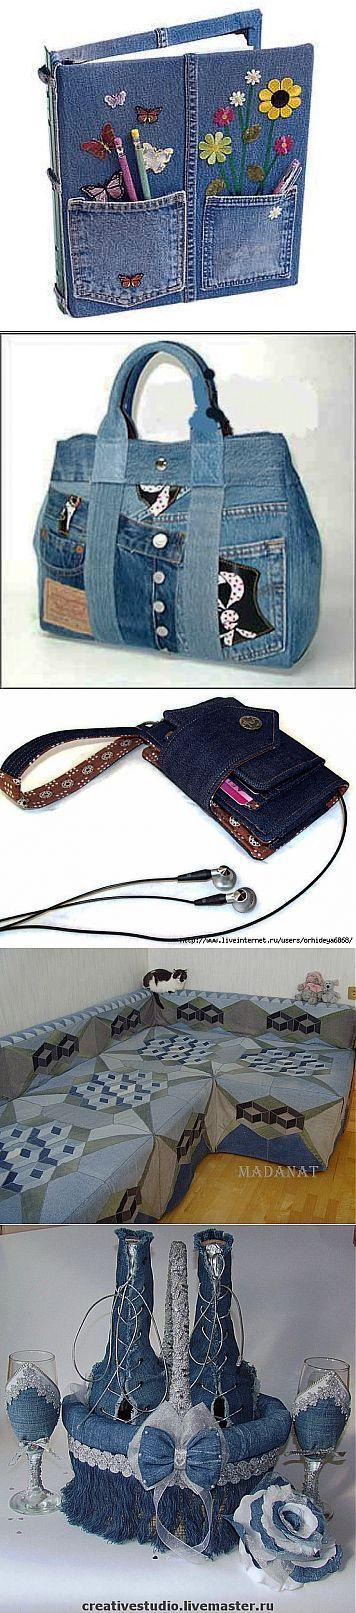 Copertina jeans per agenda